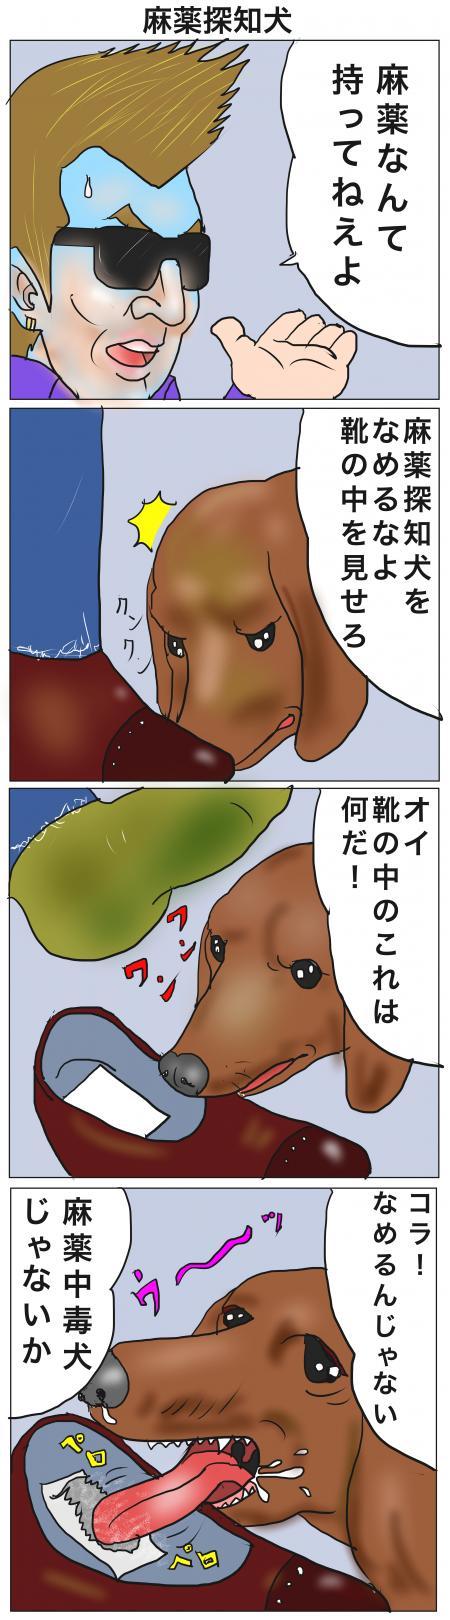 麻薬探知犬+のコピー_convert_20141223182336